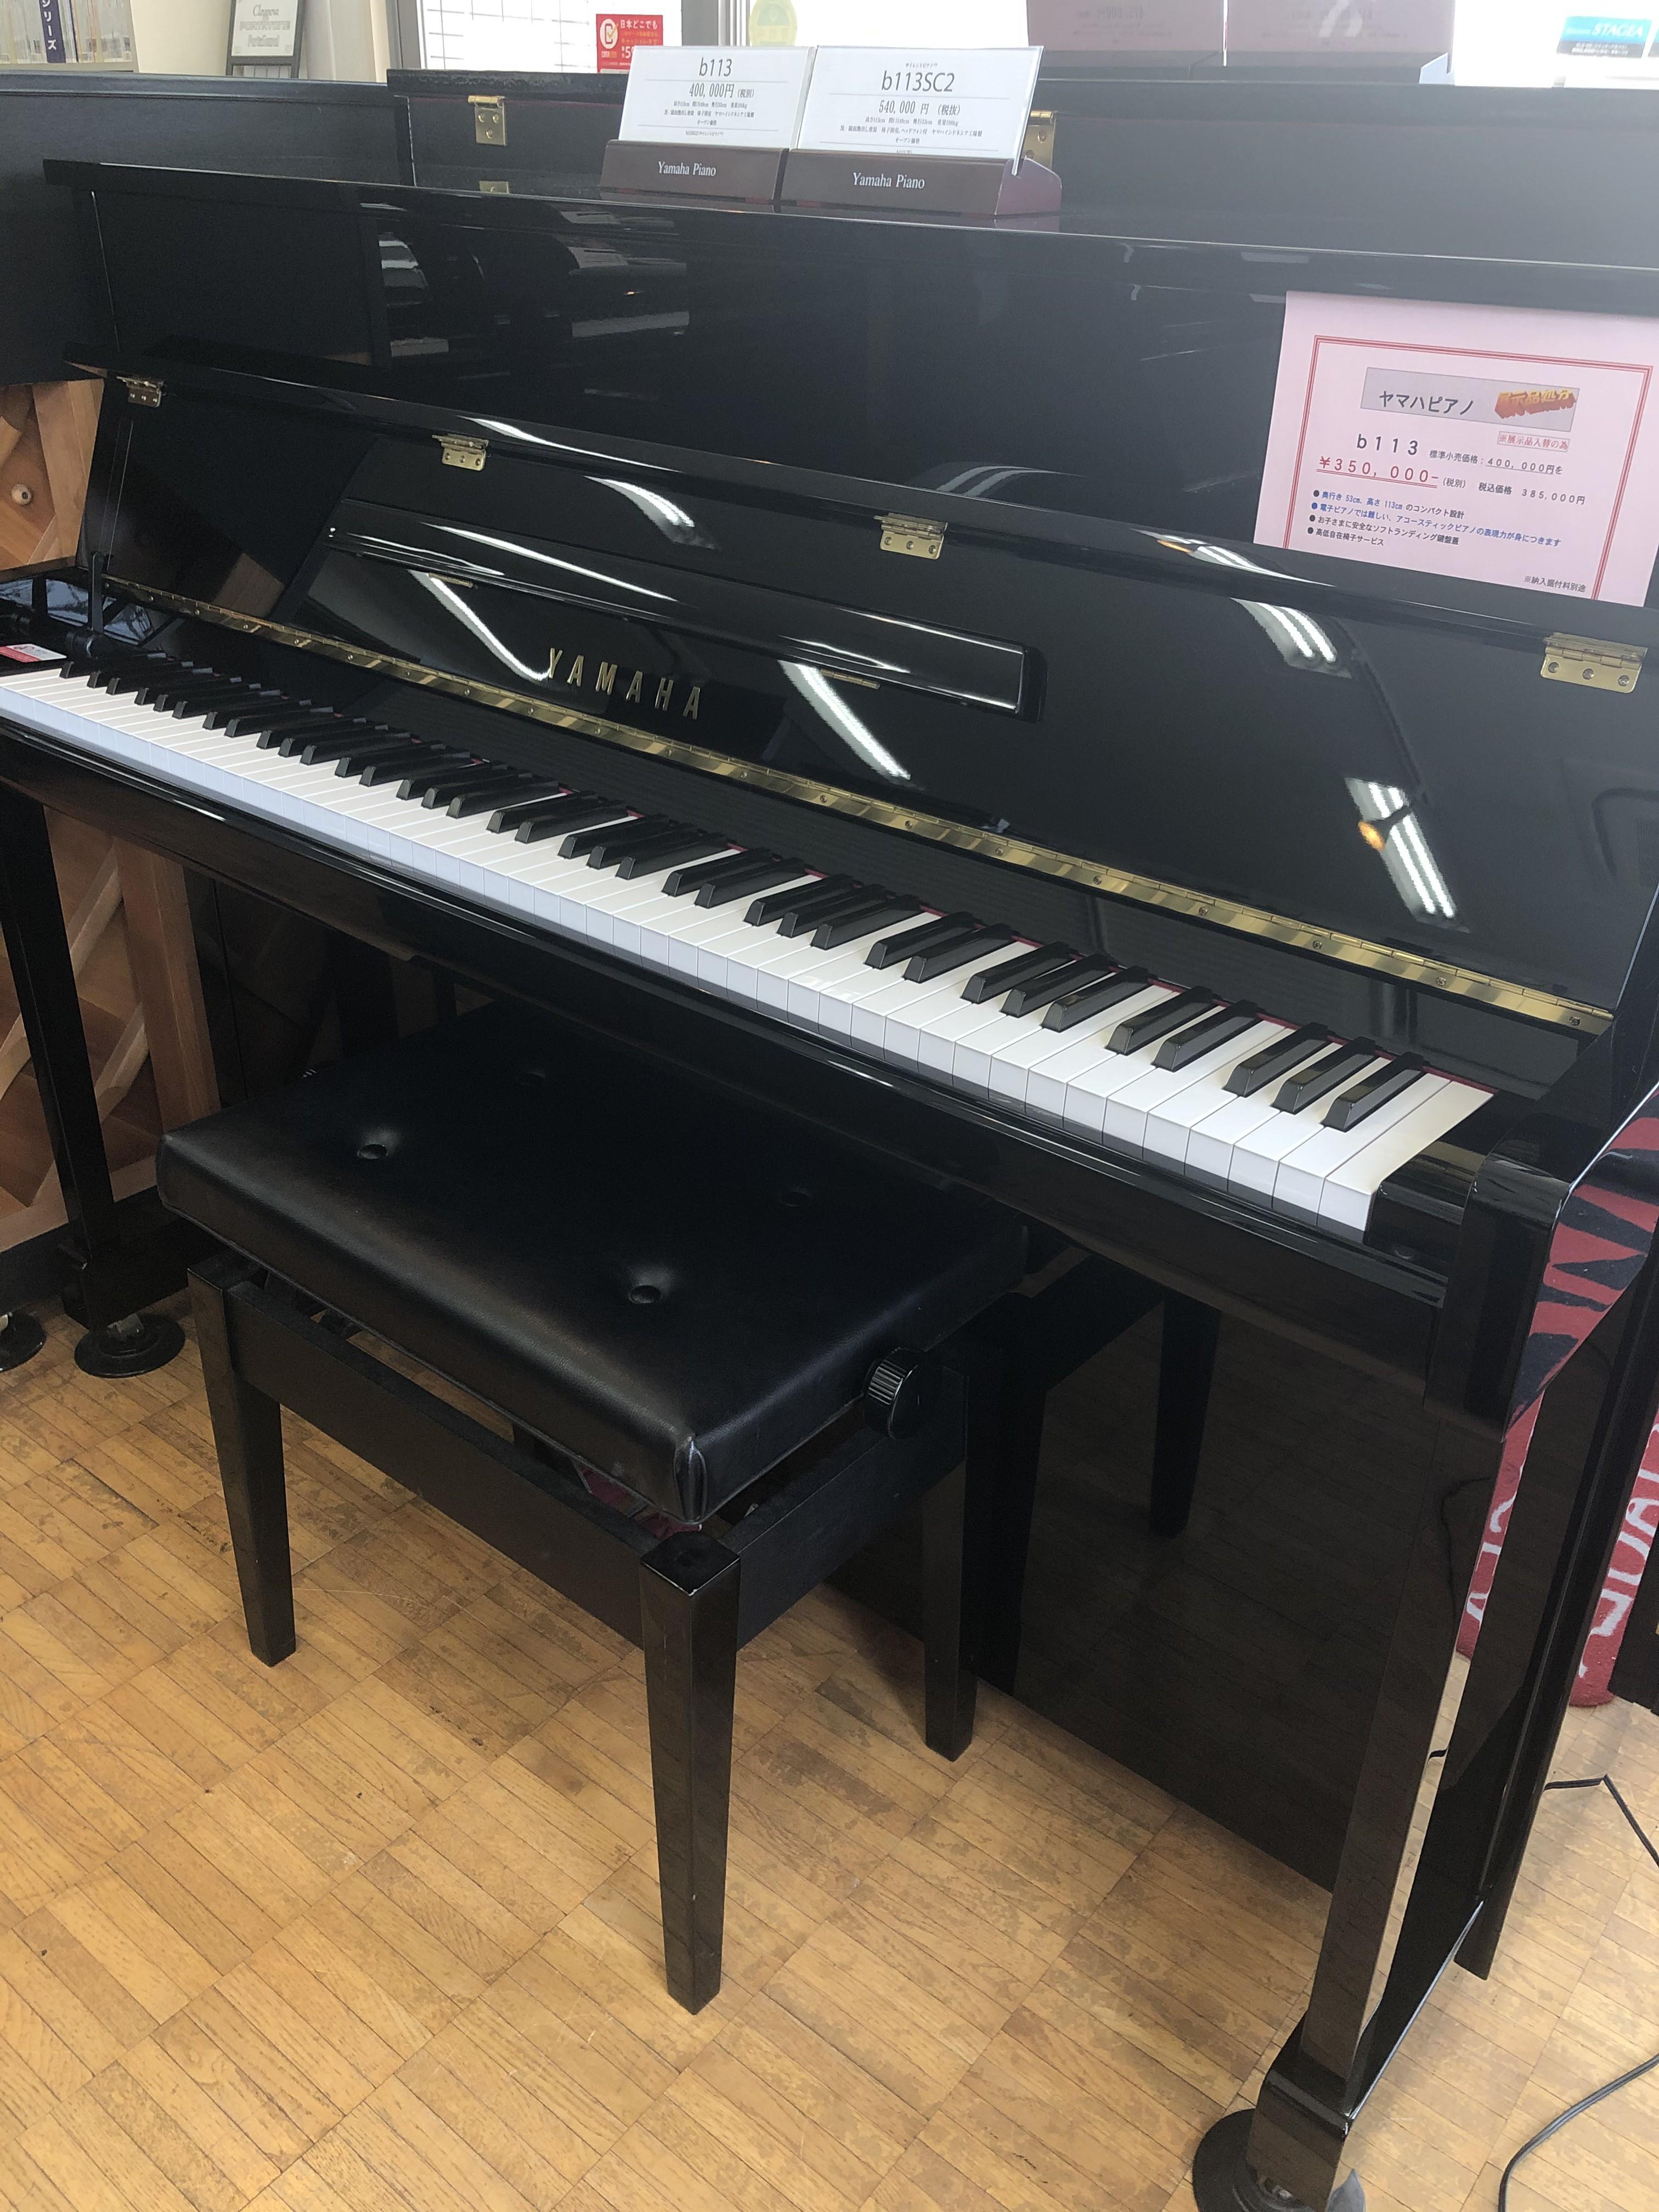 【展示品特価】ヤマハ コンパクトアップライトピアノ b113